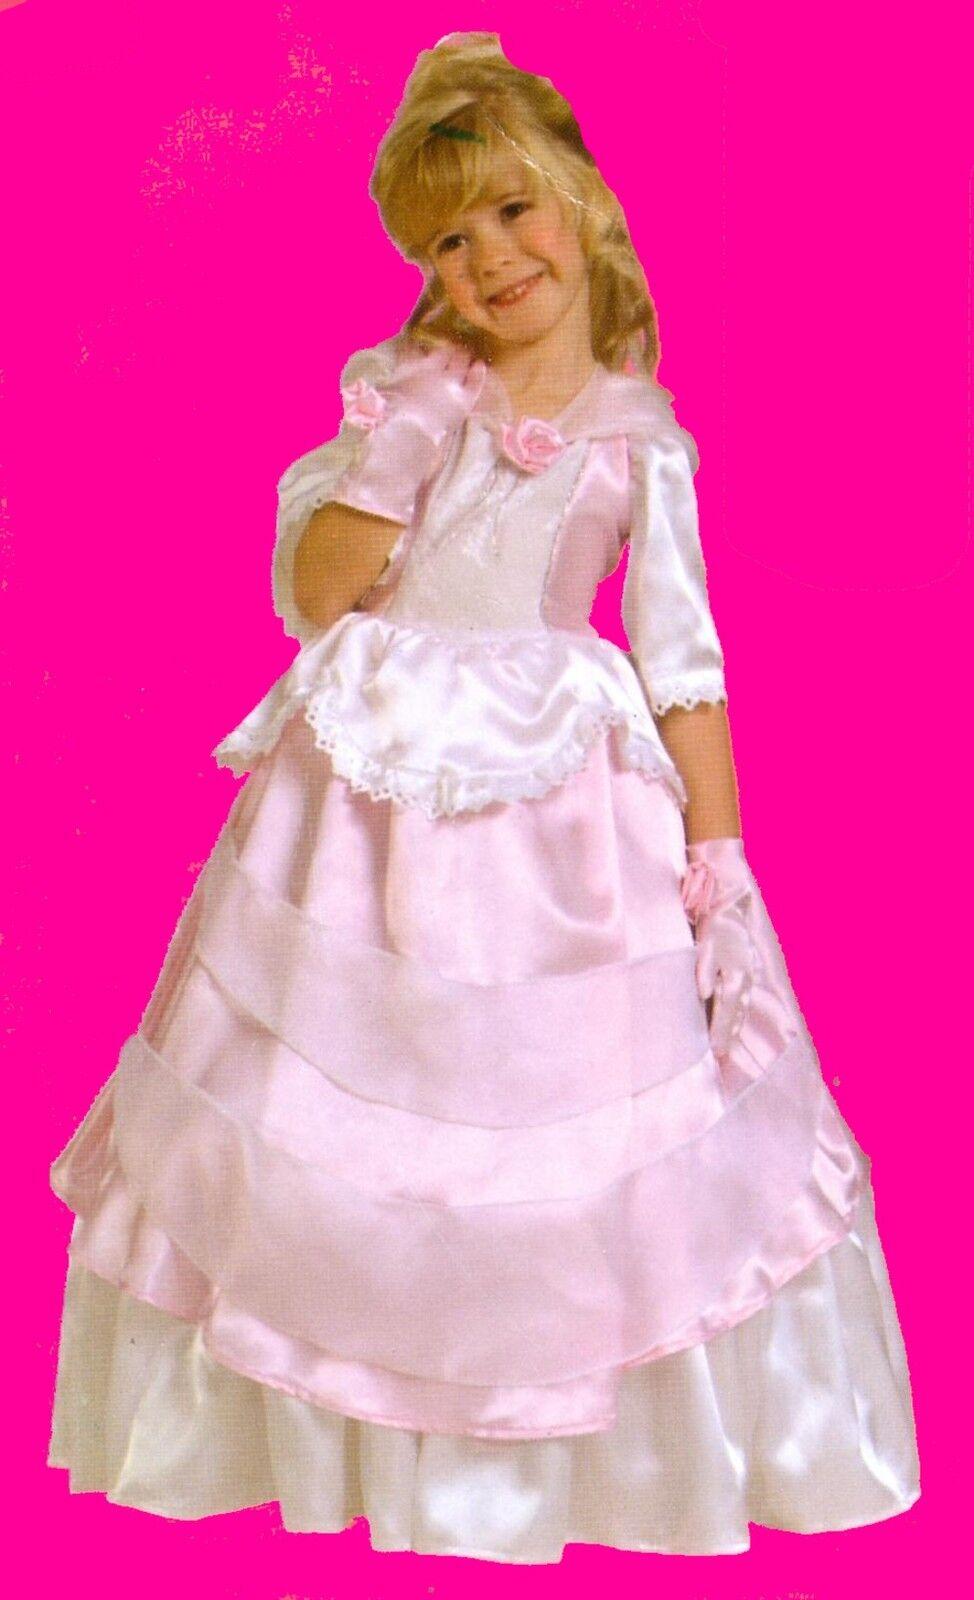 s es kinder kost m prinzessin sissy kleid m dchen rosa. Black Bedroom Furniture Sets. Home Design Ideas